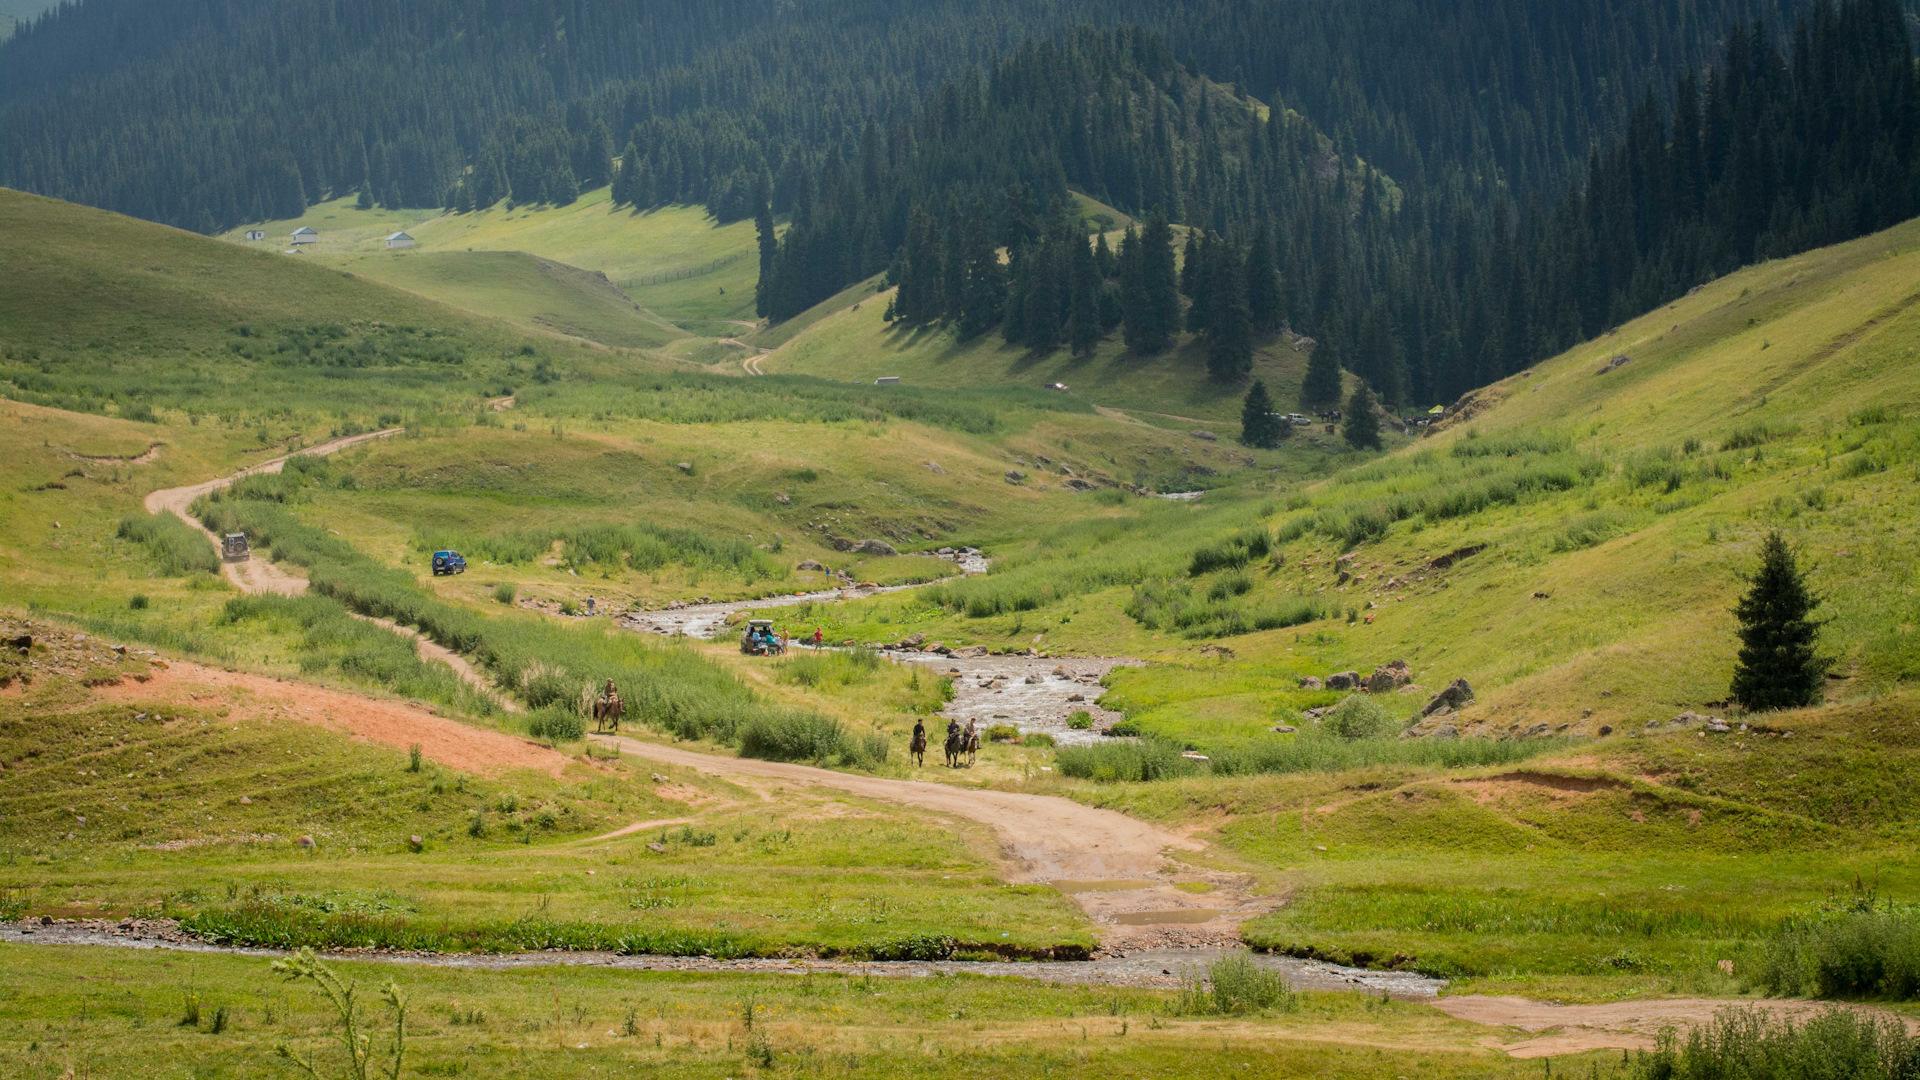 Утверждены поправки по возврату Бурабая, Иле-Алатау и Кок-Жайляу в состав особо охраняемых территорий